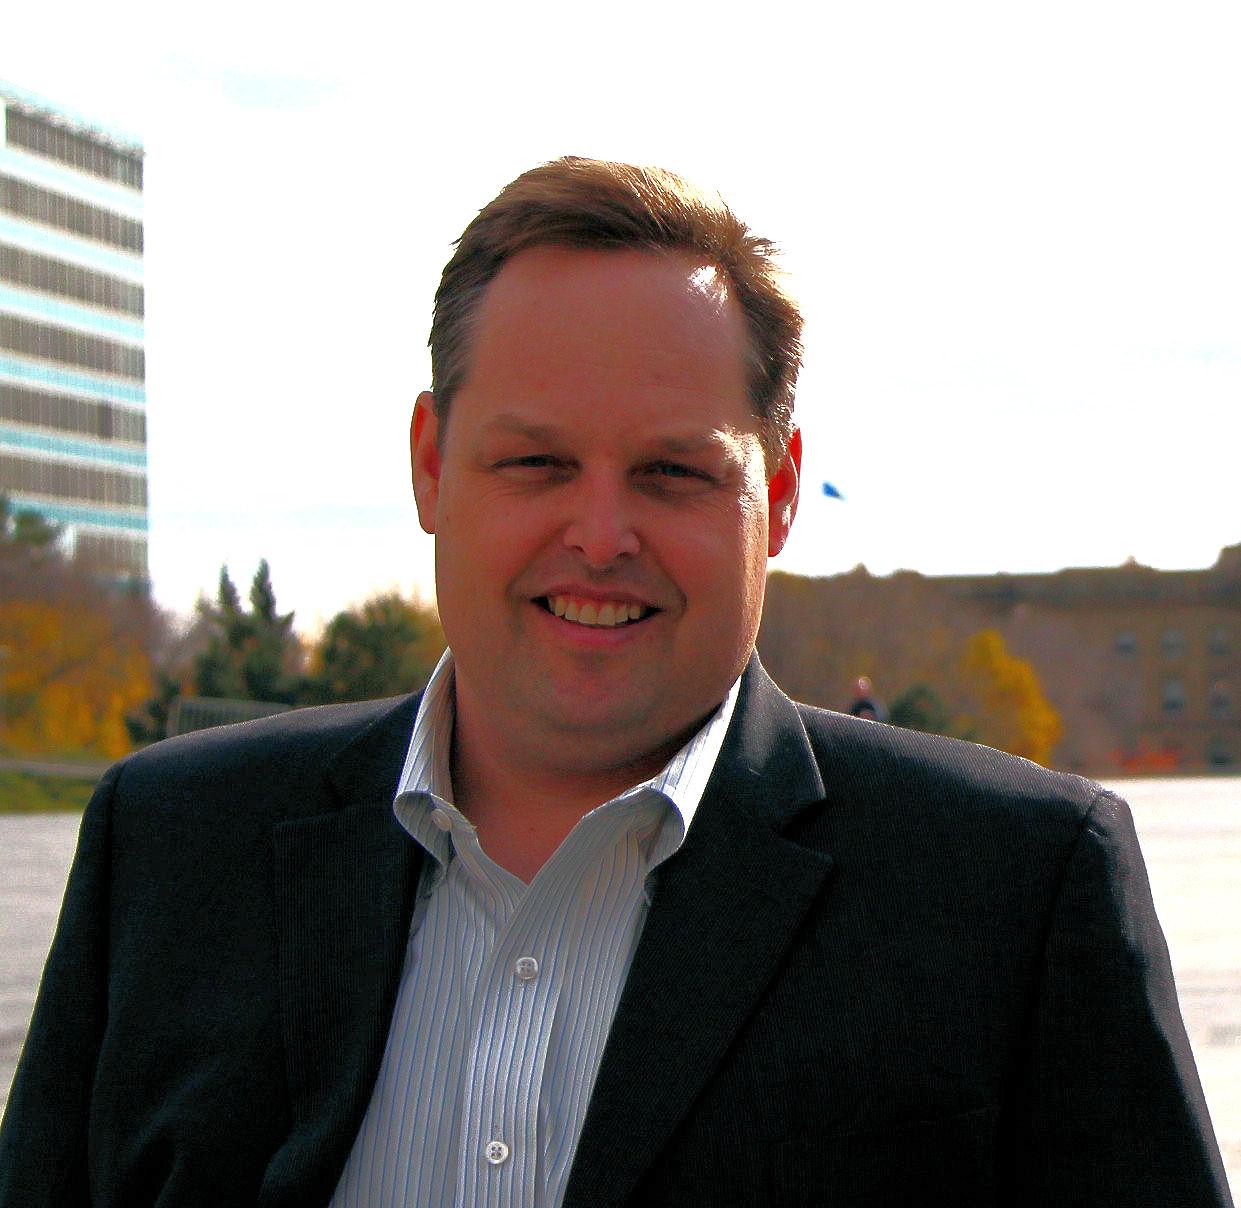 Dieter Wentzel